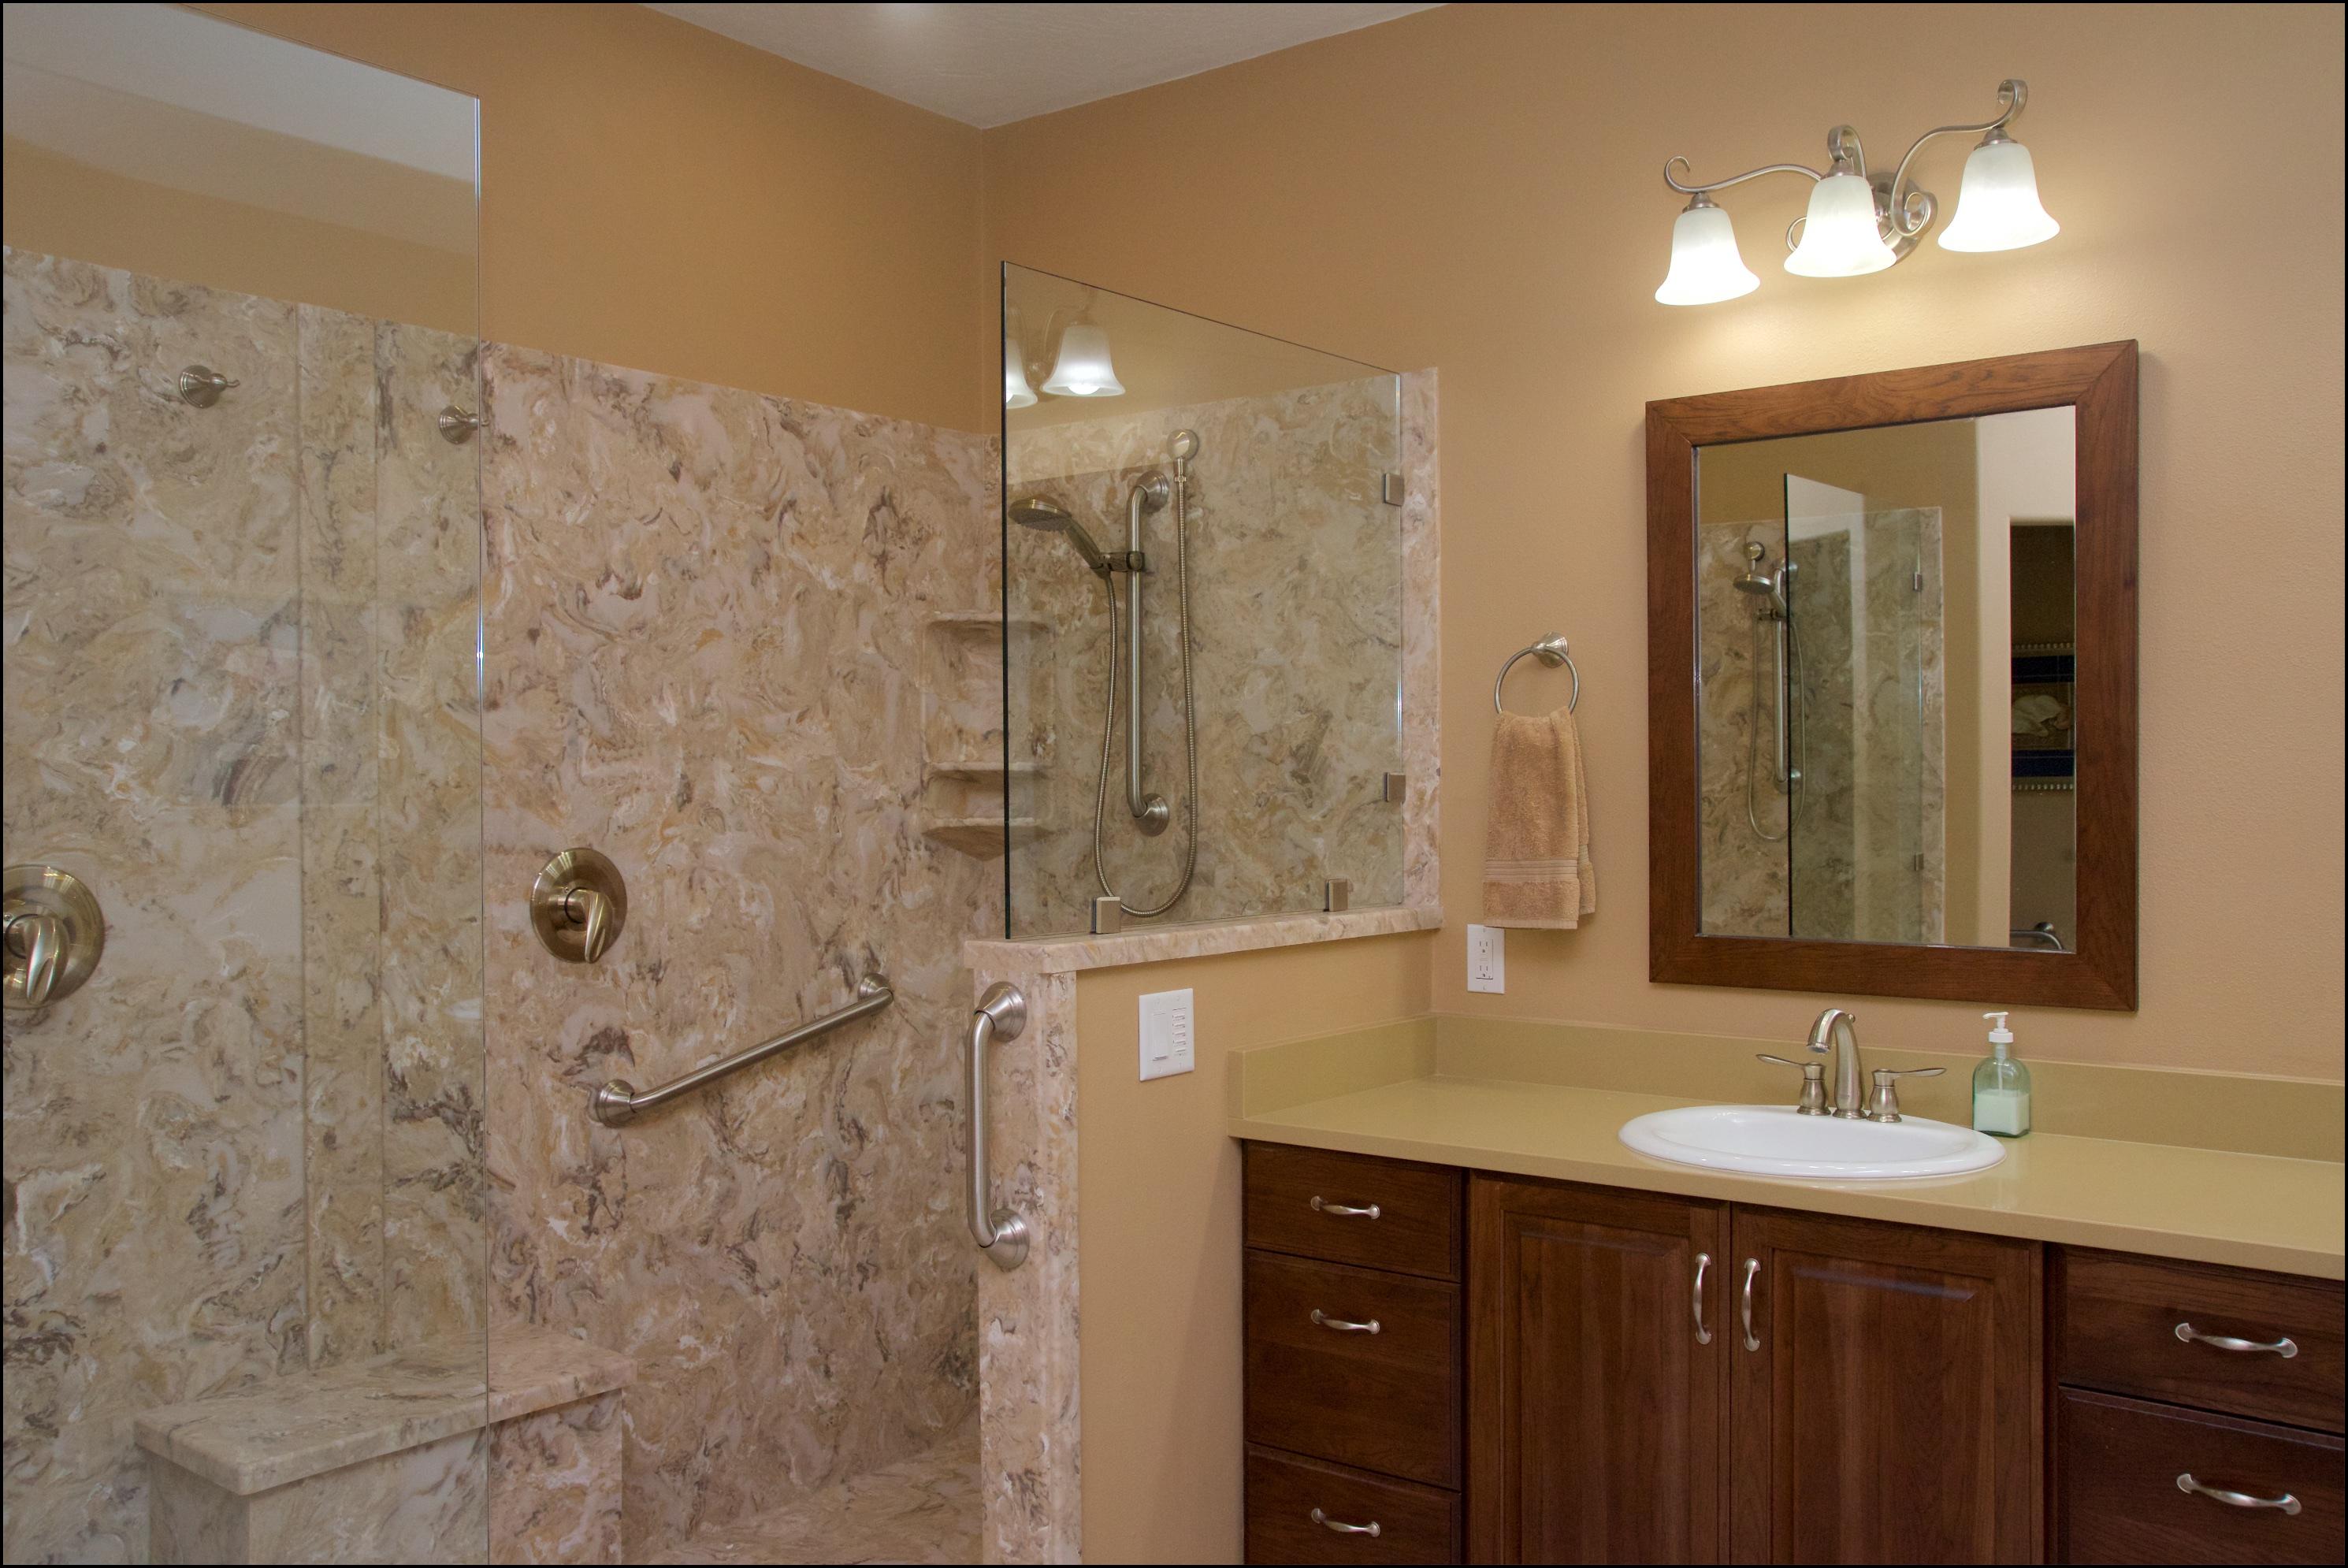 Veneta Kitchen Bathroom Remodel Contractor  Castile